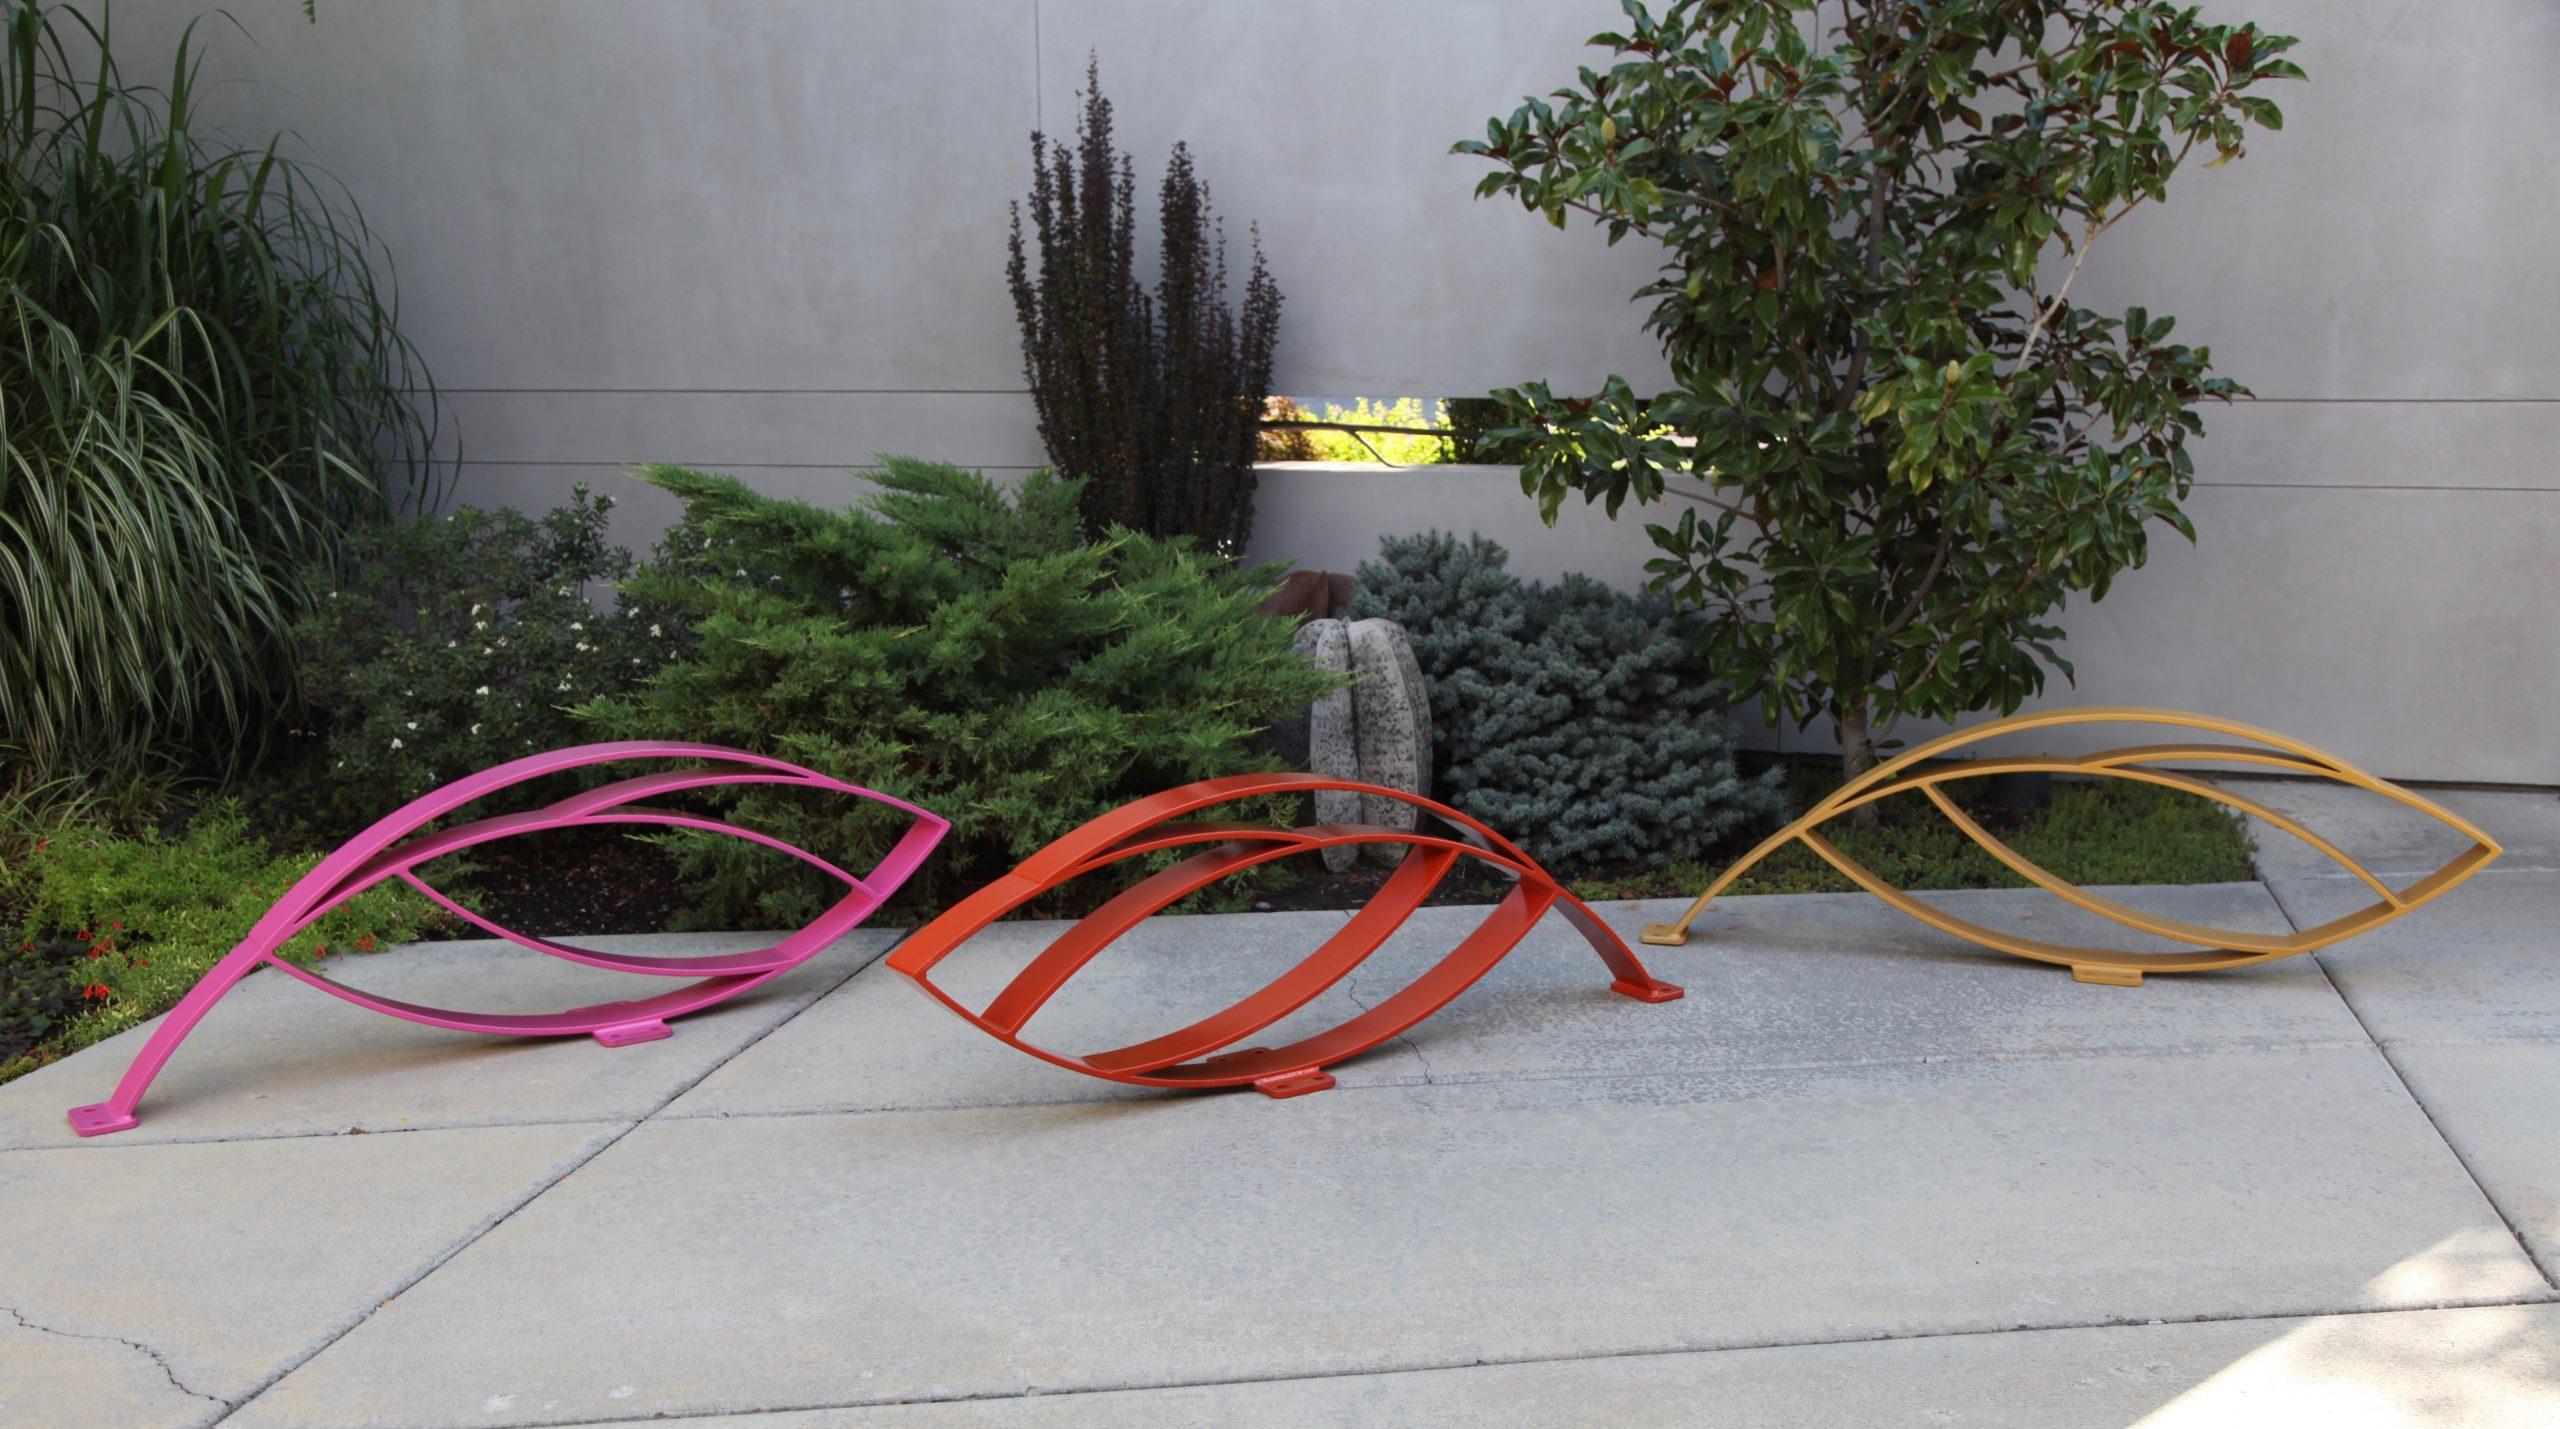 Sity Art Benches, Tree-O